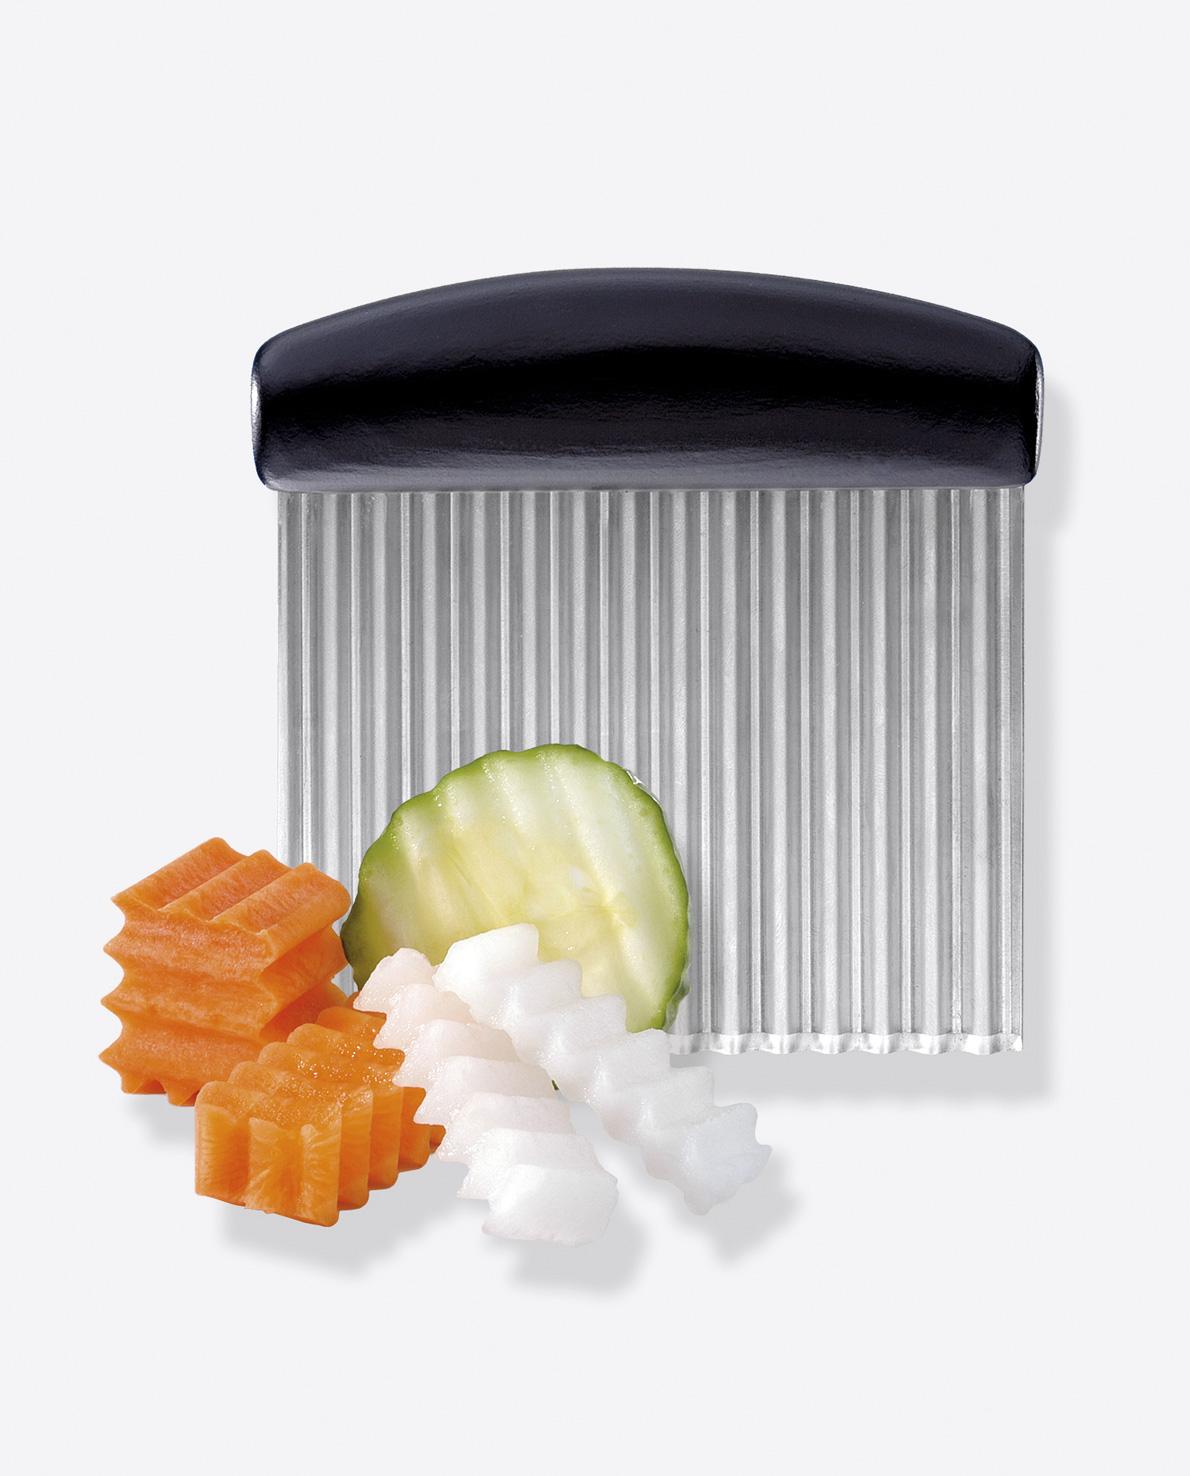 triangle Wellenschneider für Obst und Gemüse Buntmesser Dekoriermesser